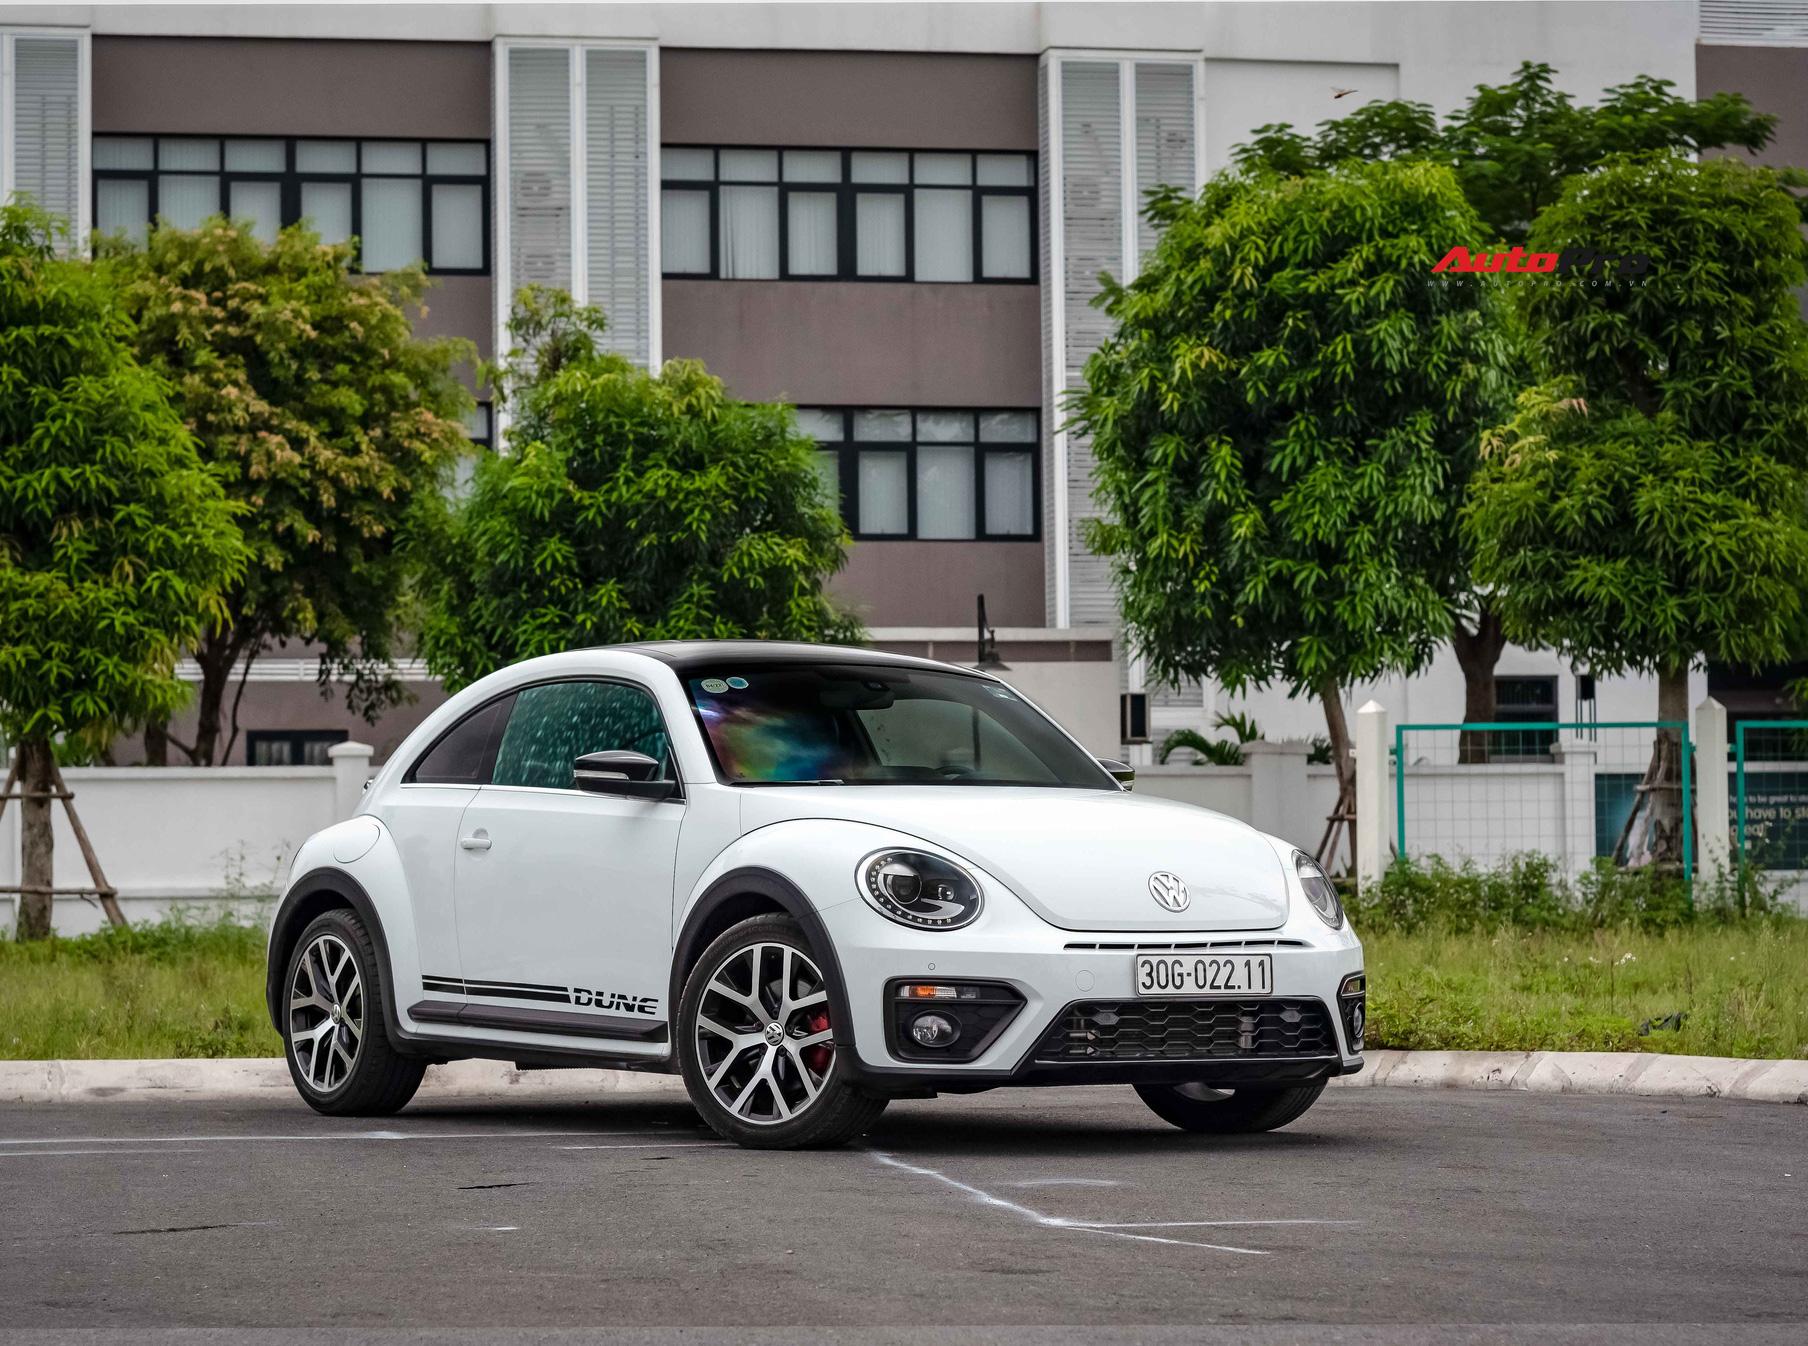 Hậu khai tử, hàng hiếm Volkswagen Beetle Dune 2019 có giá đắt ngang VinFast Lux A2.0 'đập hộp'